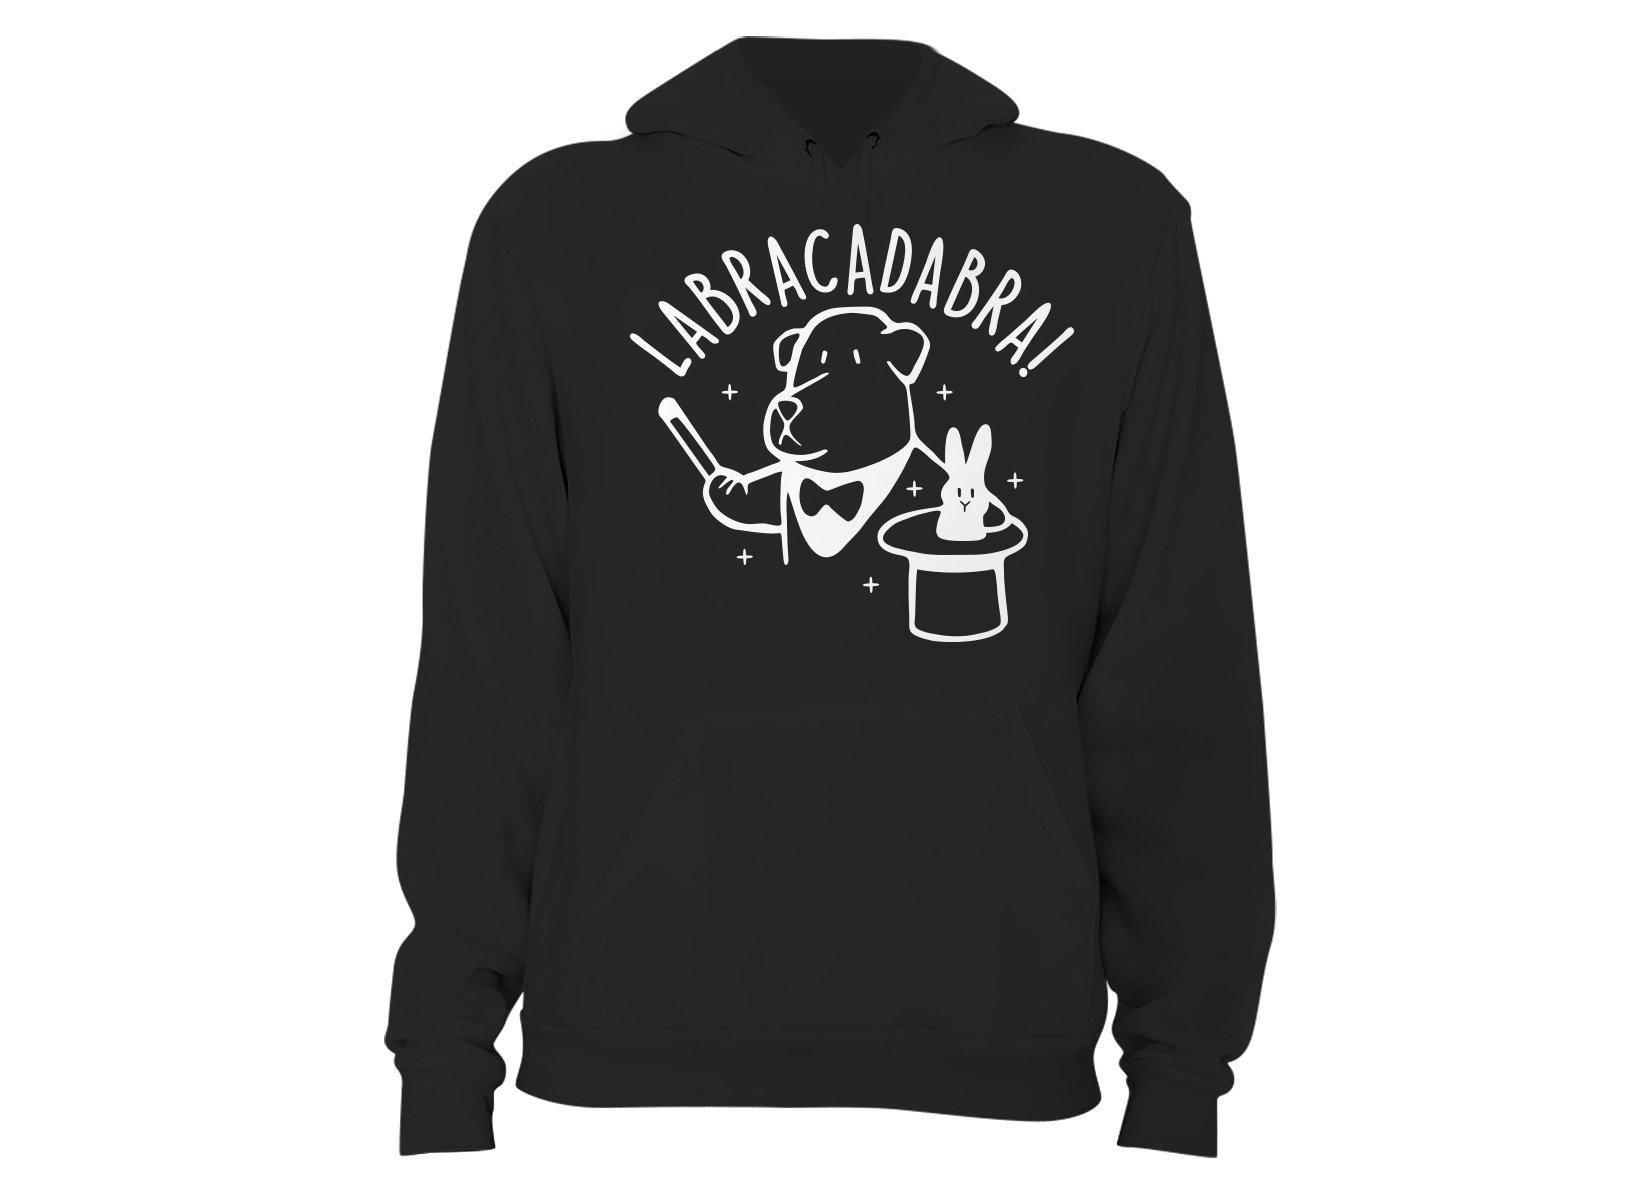 Labracadabra on Hoodie